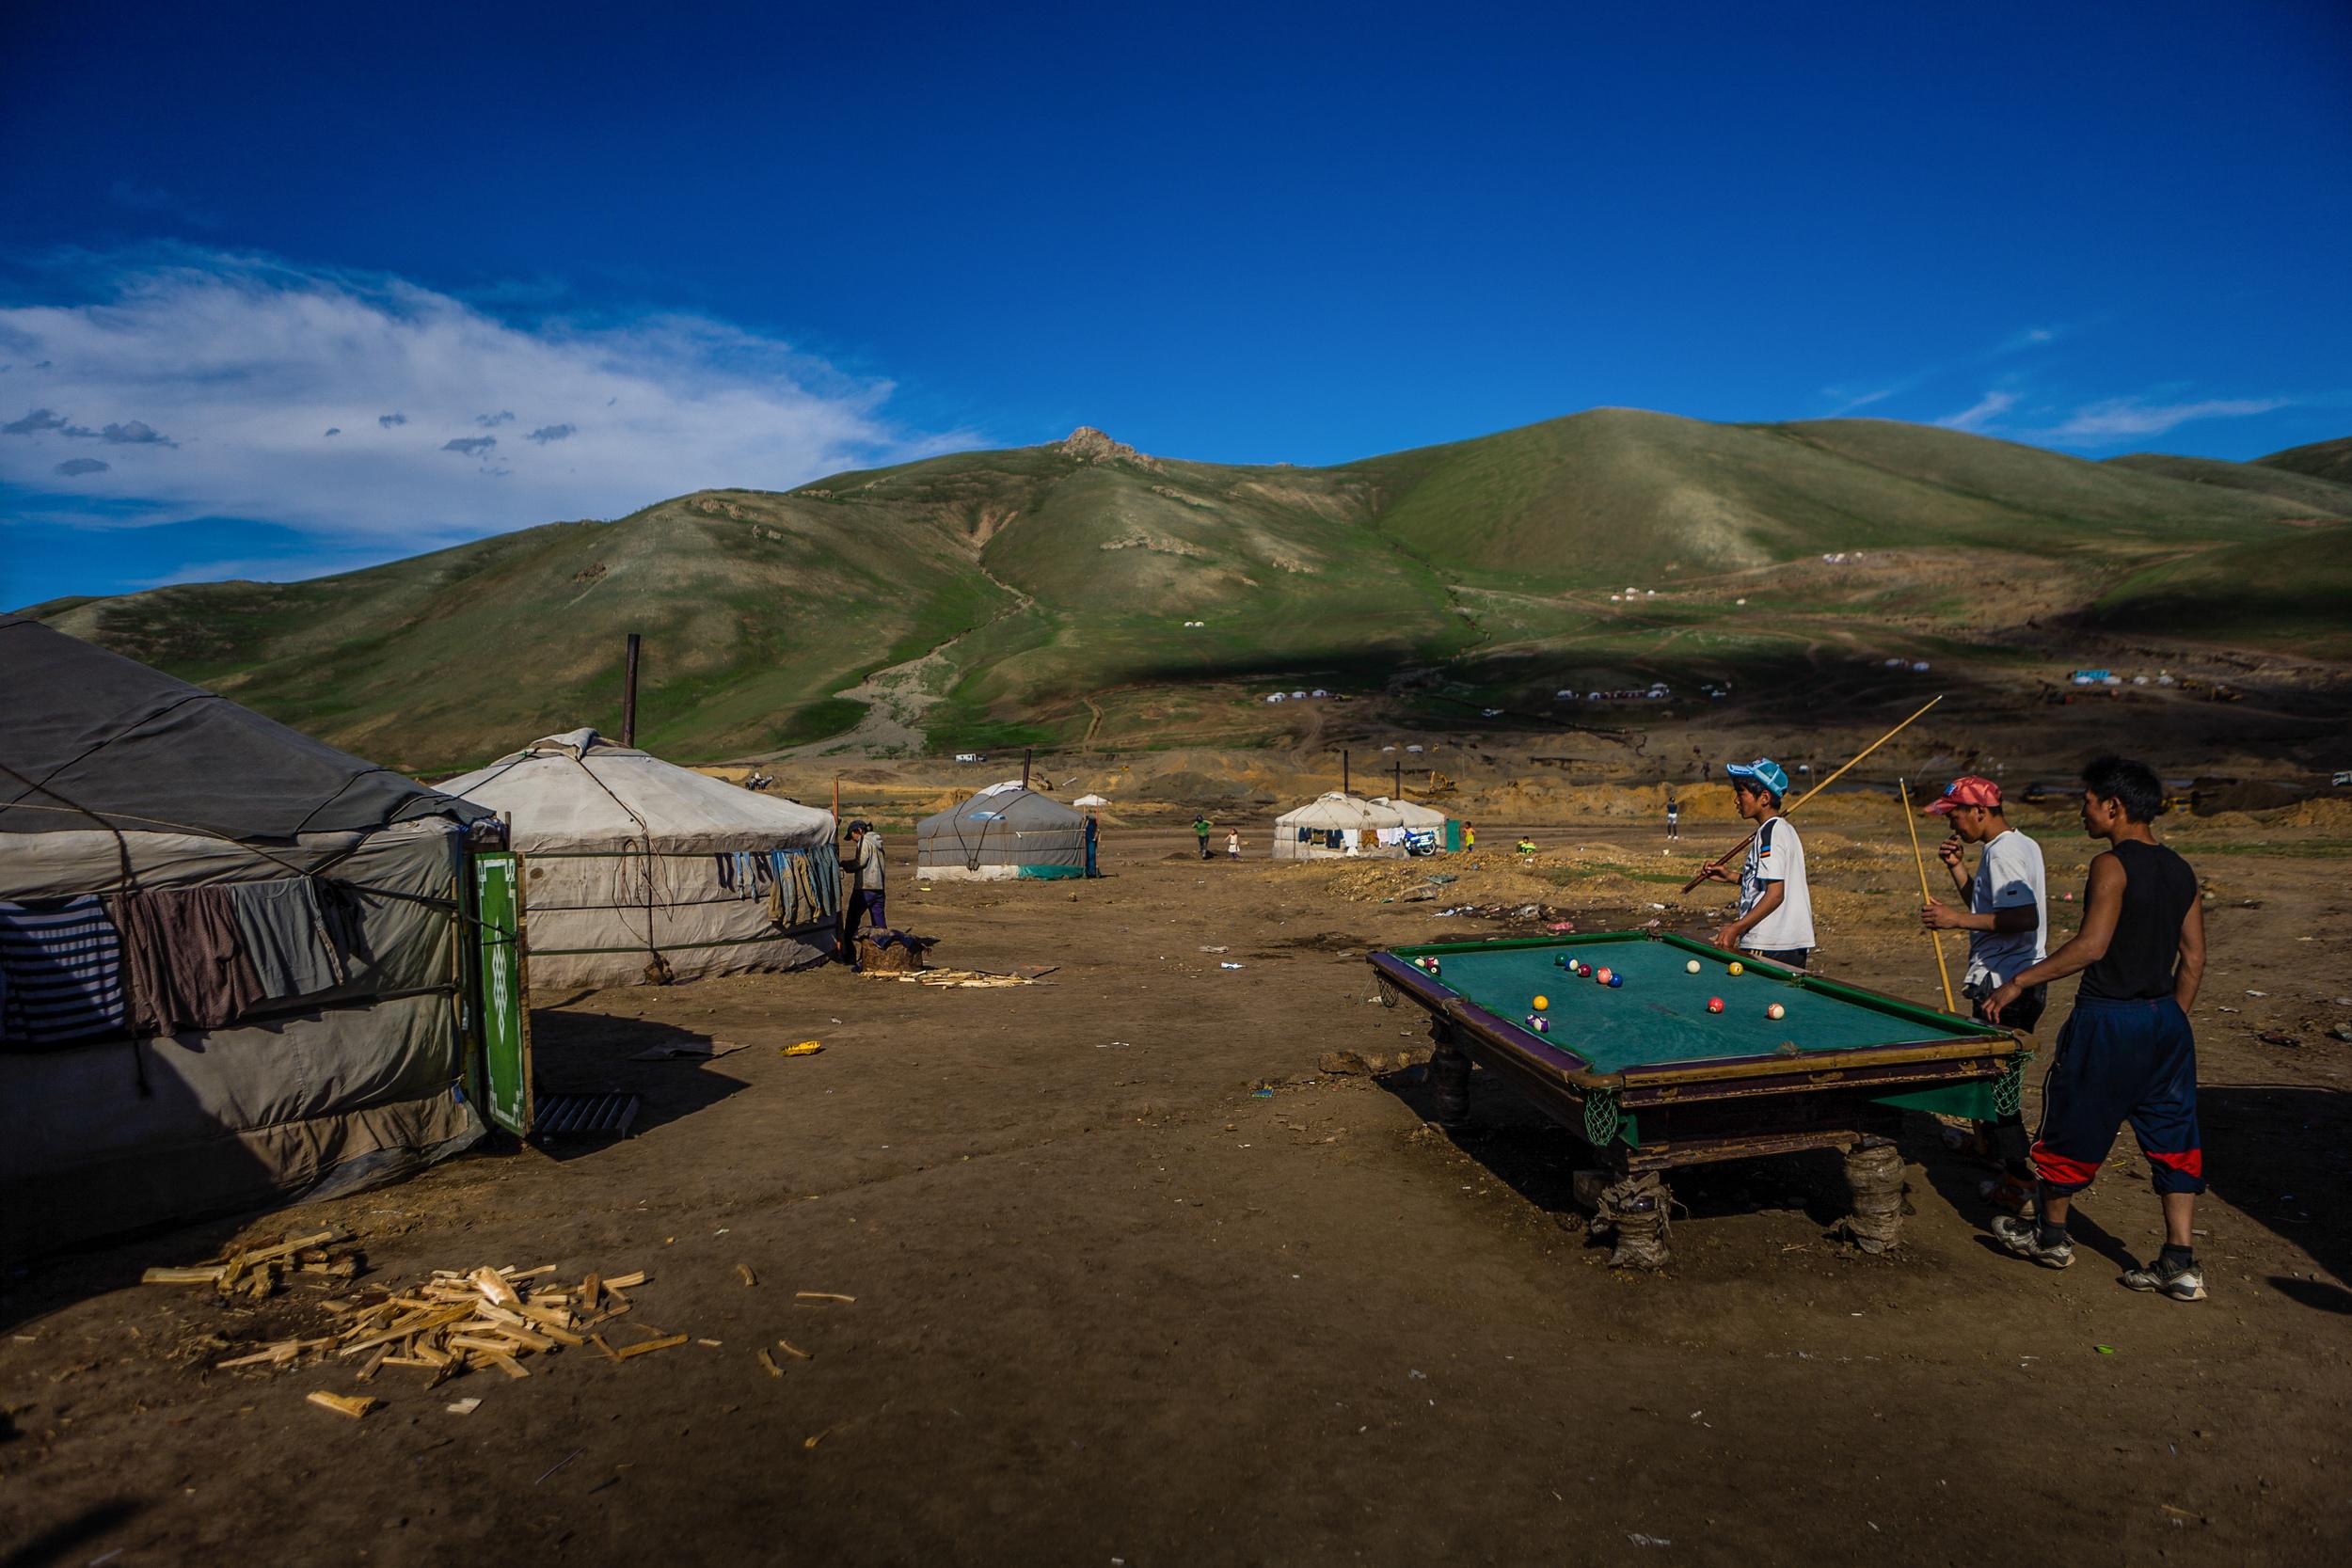 Mongolia_Fadek_058A.jpg